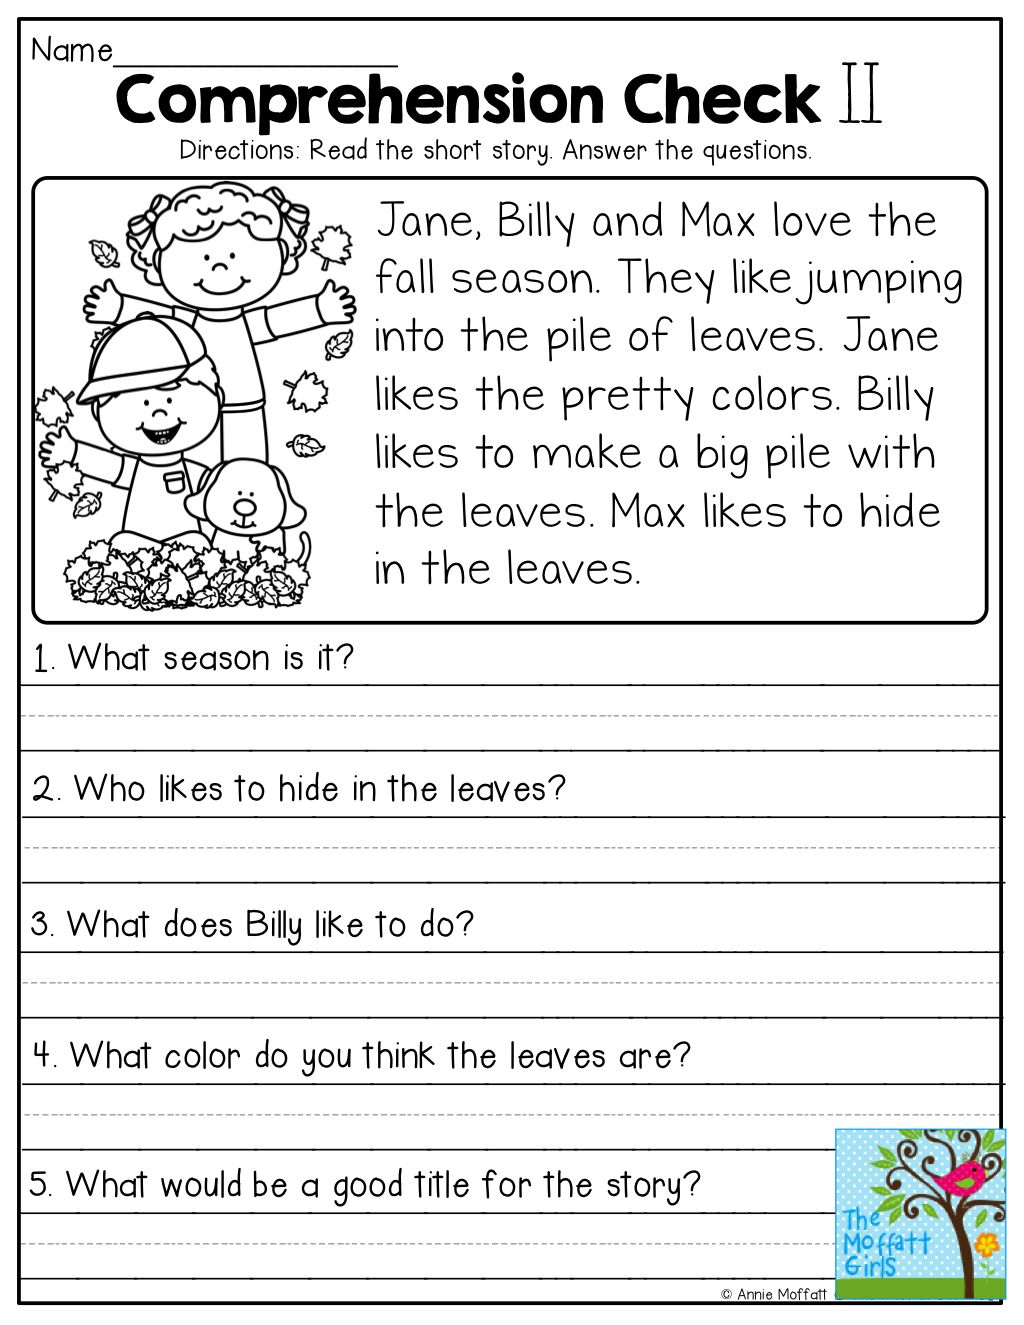 medium resolution of Image result for october reading comprehension worksheets 1st grade    Reading comprehension worksheets